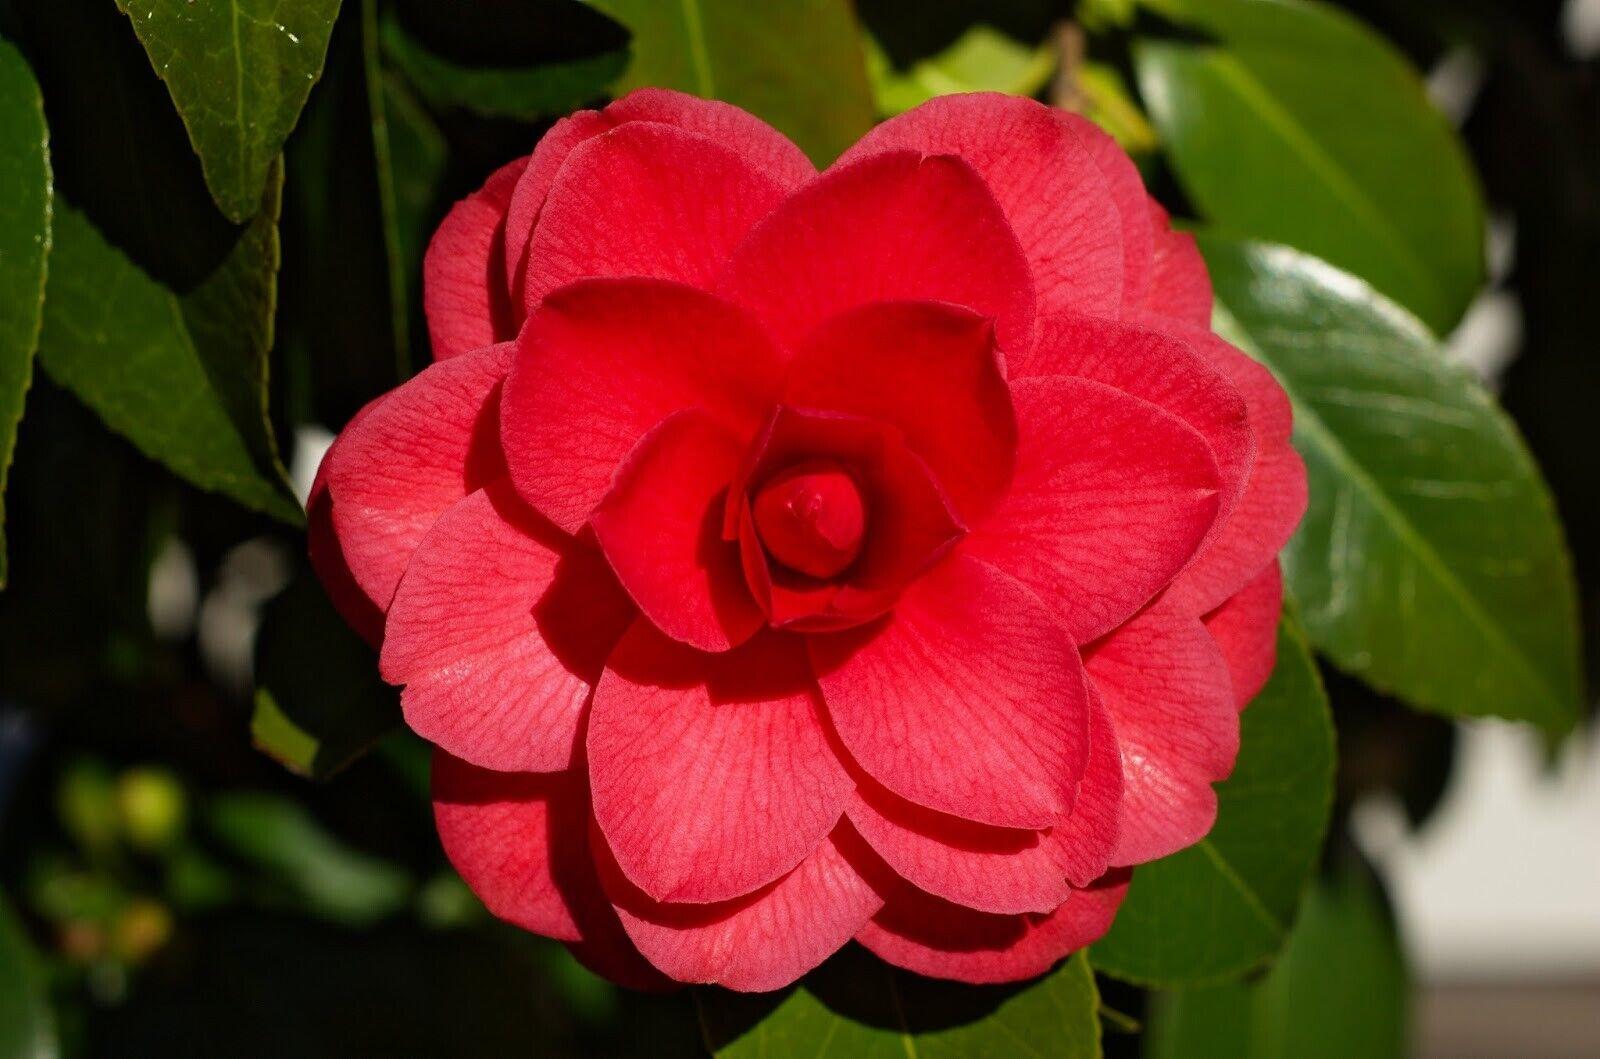 10Pcs Camellia Flower Seeds Theaceae Tea Bush Beautiful Plants for Garden Home